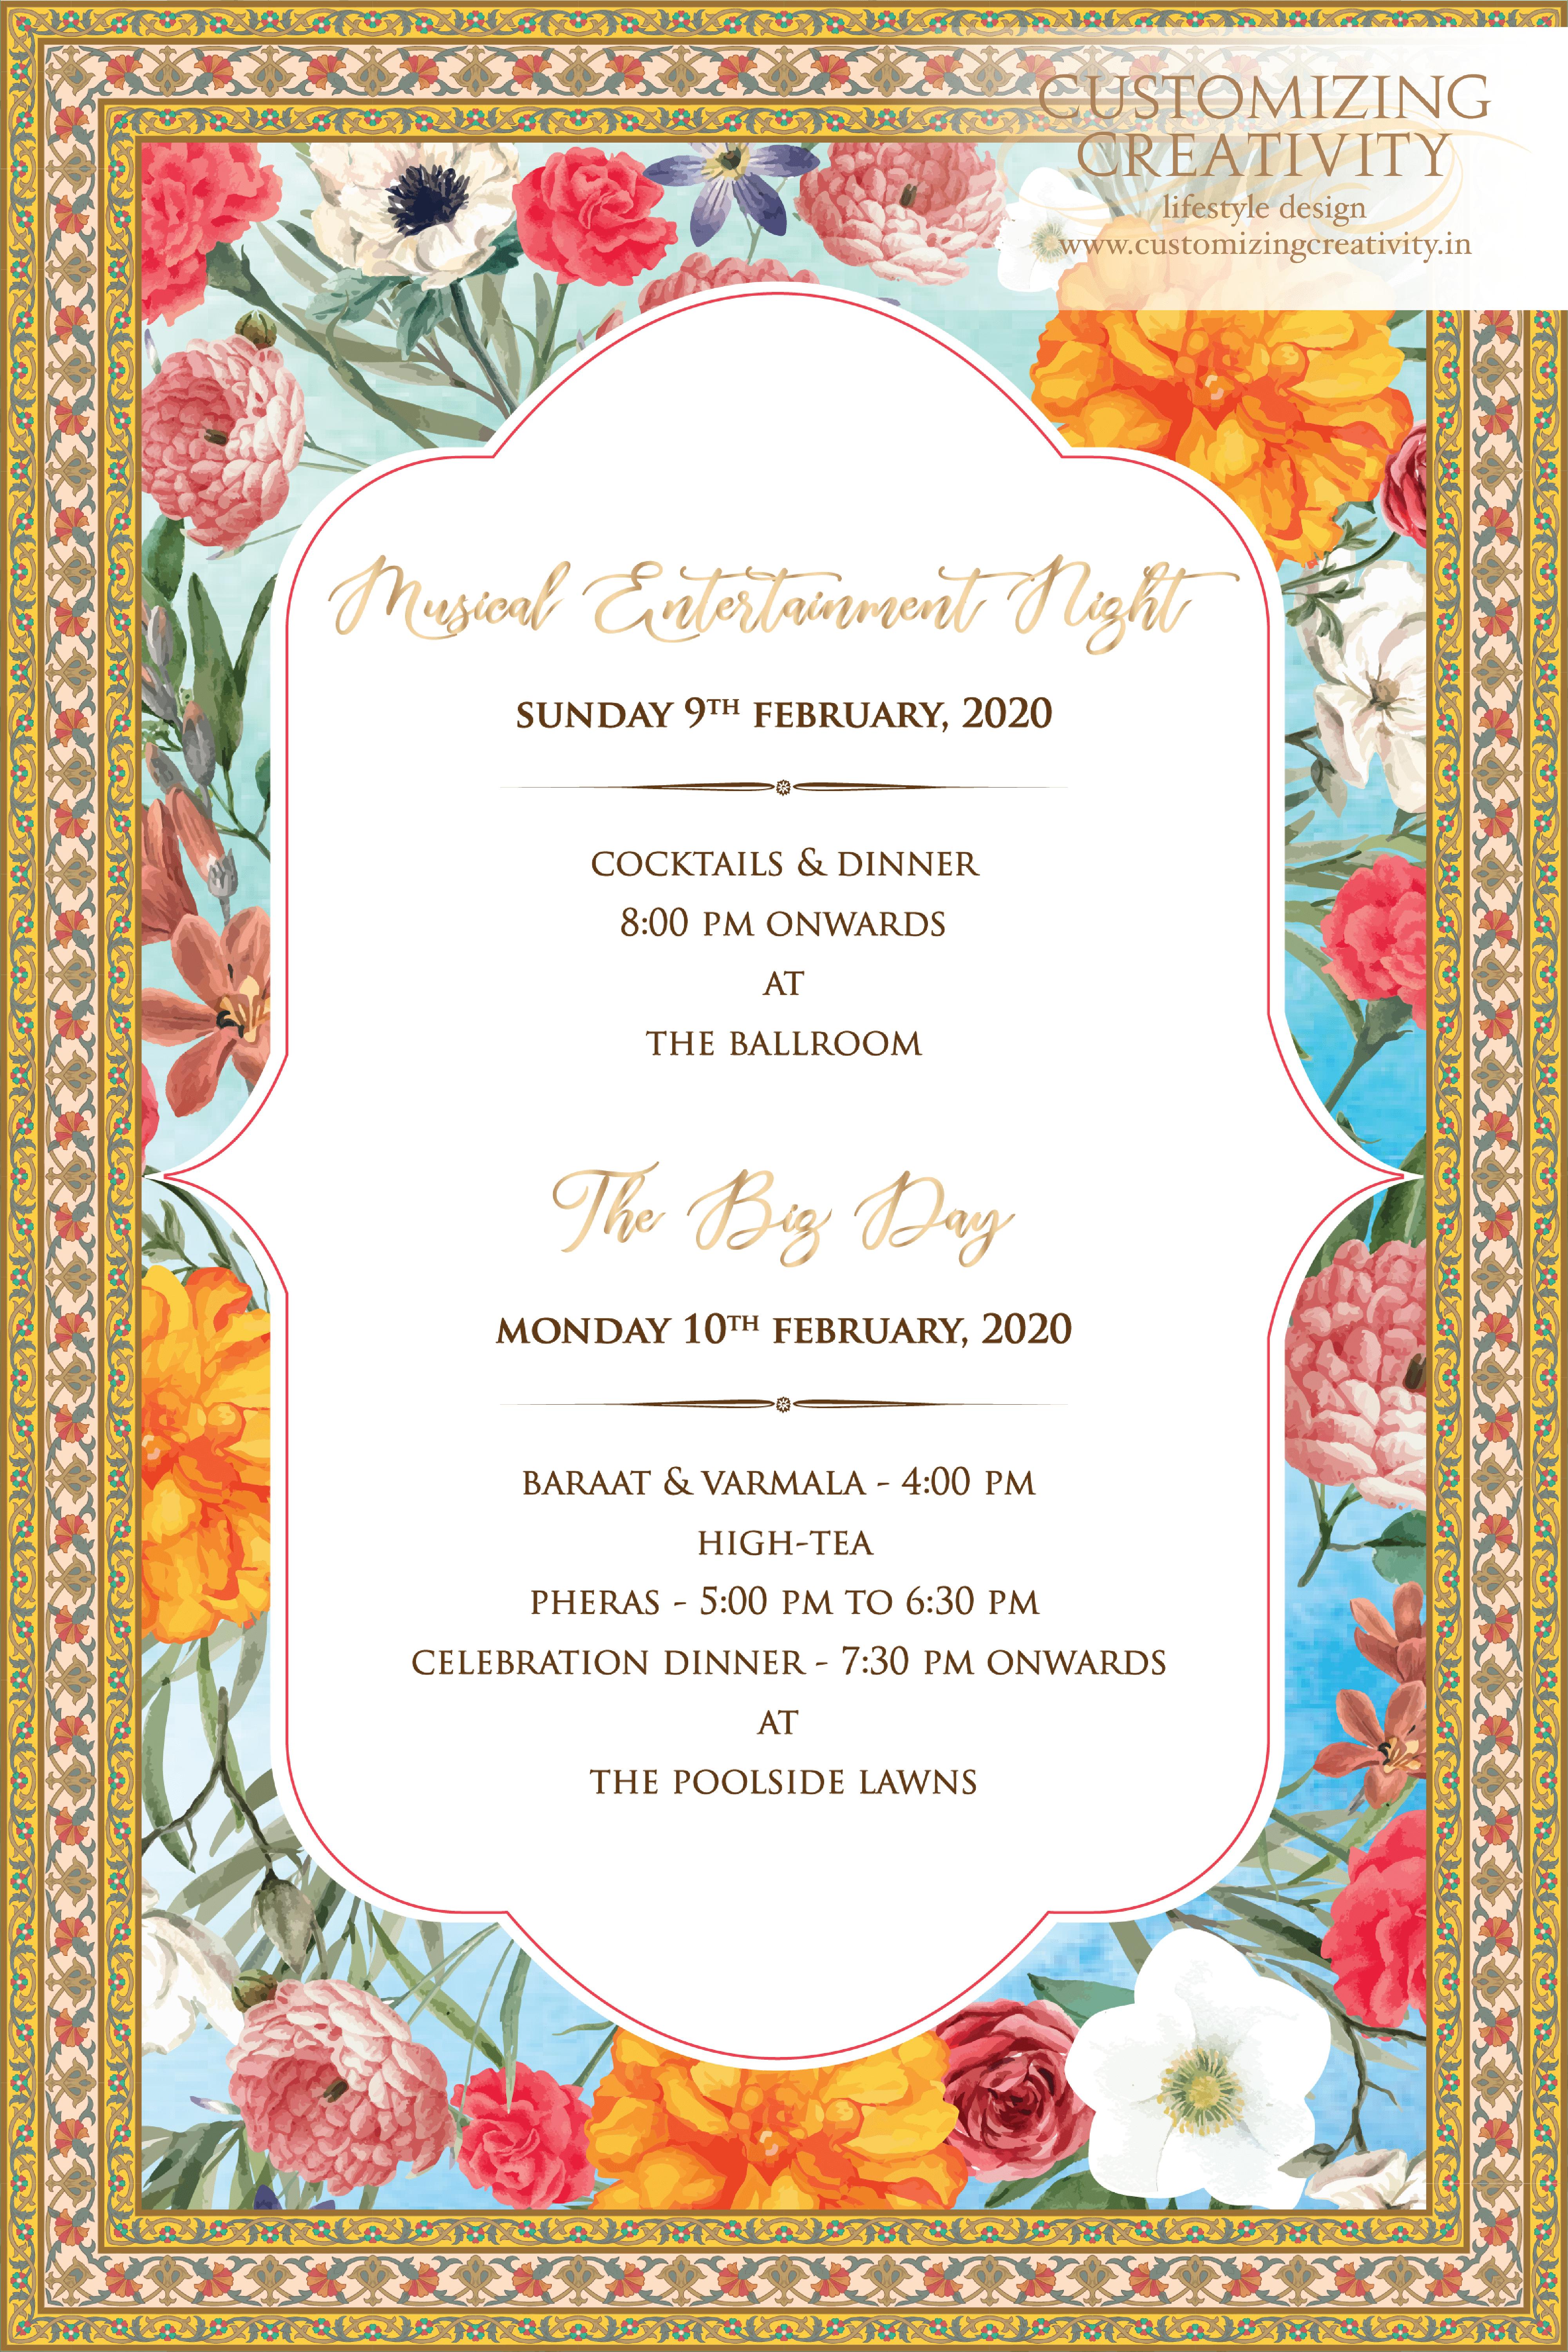 Digital Invites Evite Designs Eversion E Vite E Cards Invites Invitation Cards Wedding Invit In 2020 Wedding Invitation Cards Indian Wedding Cards Wedding Cards